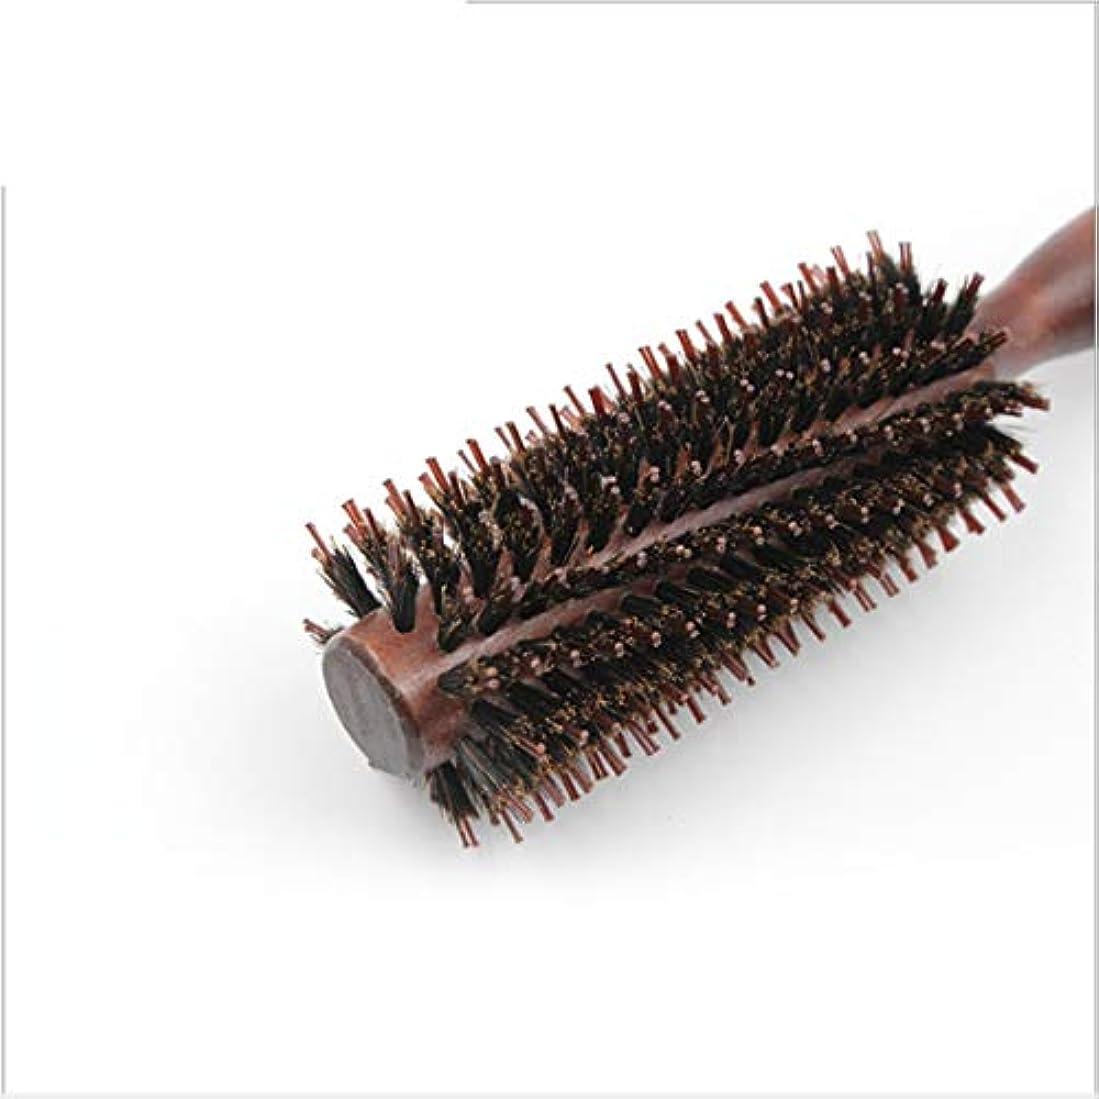 ドラゴンここに報復する23センチメートル長い尖ったハンドルラウンドブラシ、ツイルとストレートコーム - ヘアドライヤーと男性と女性のためのナチュラル木製ハンドルヘアブラシとカール - 乾燥スタイル、巻き毛と乾いた髪 ヘアケア (サイズ : Till-S)